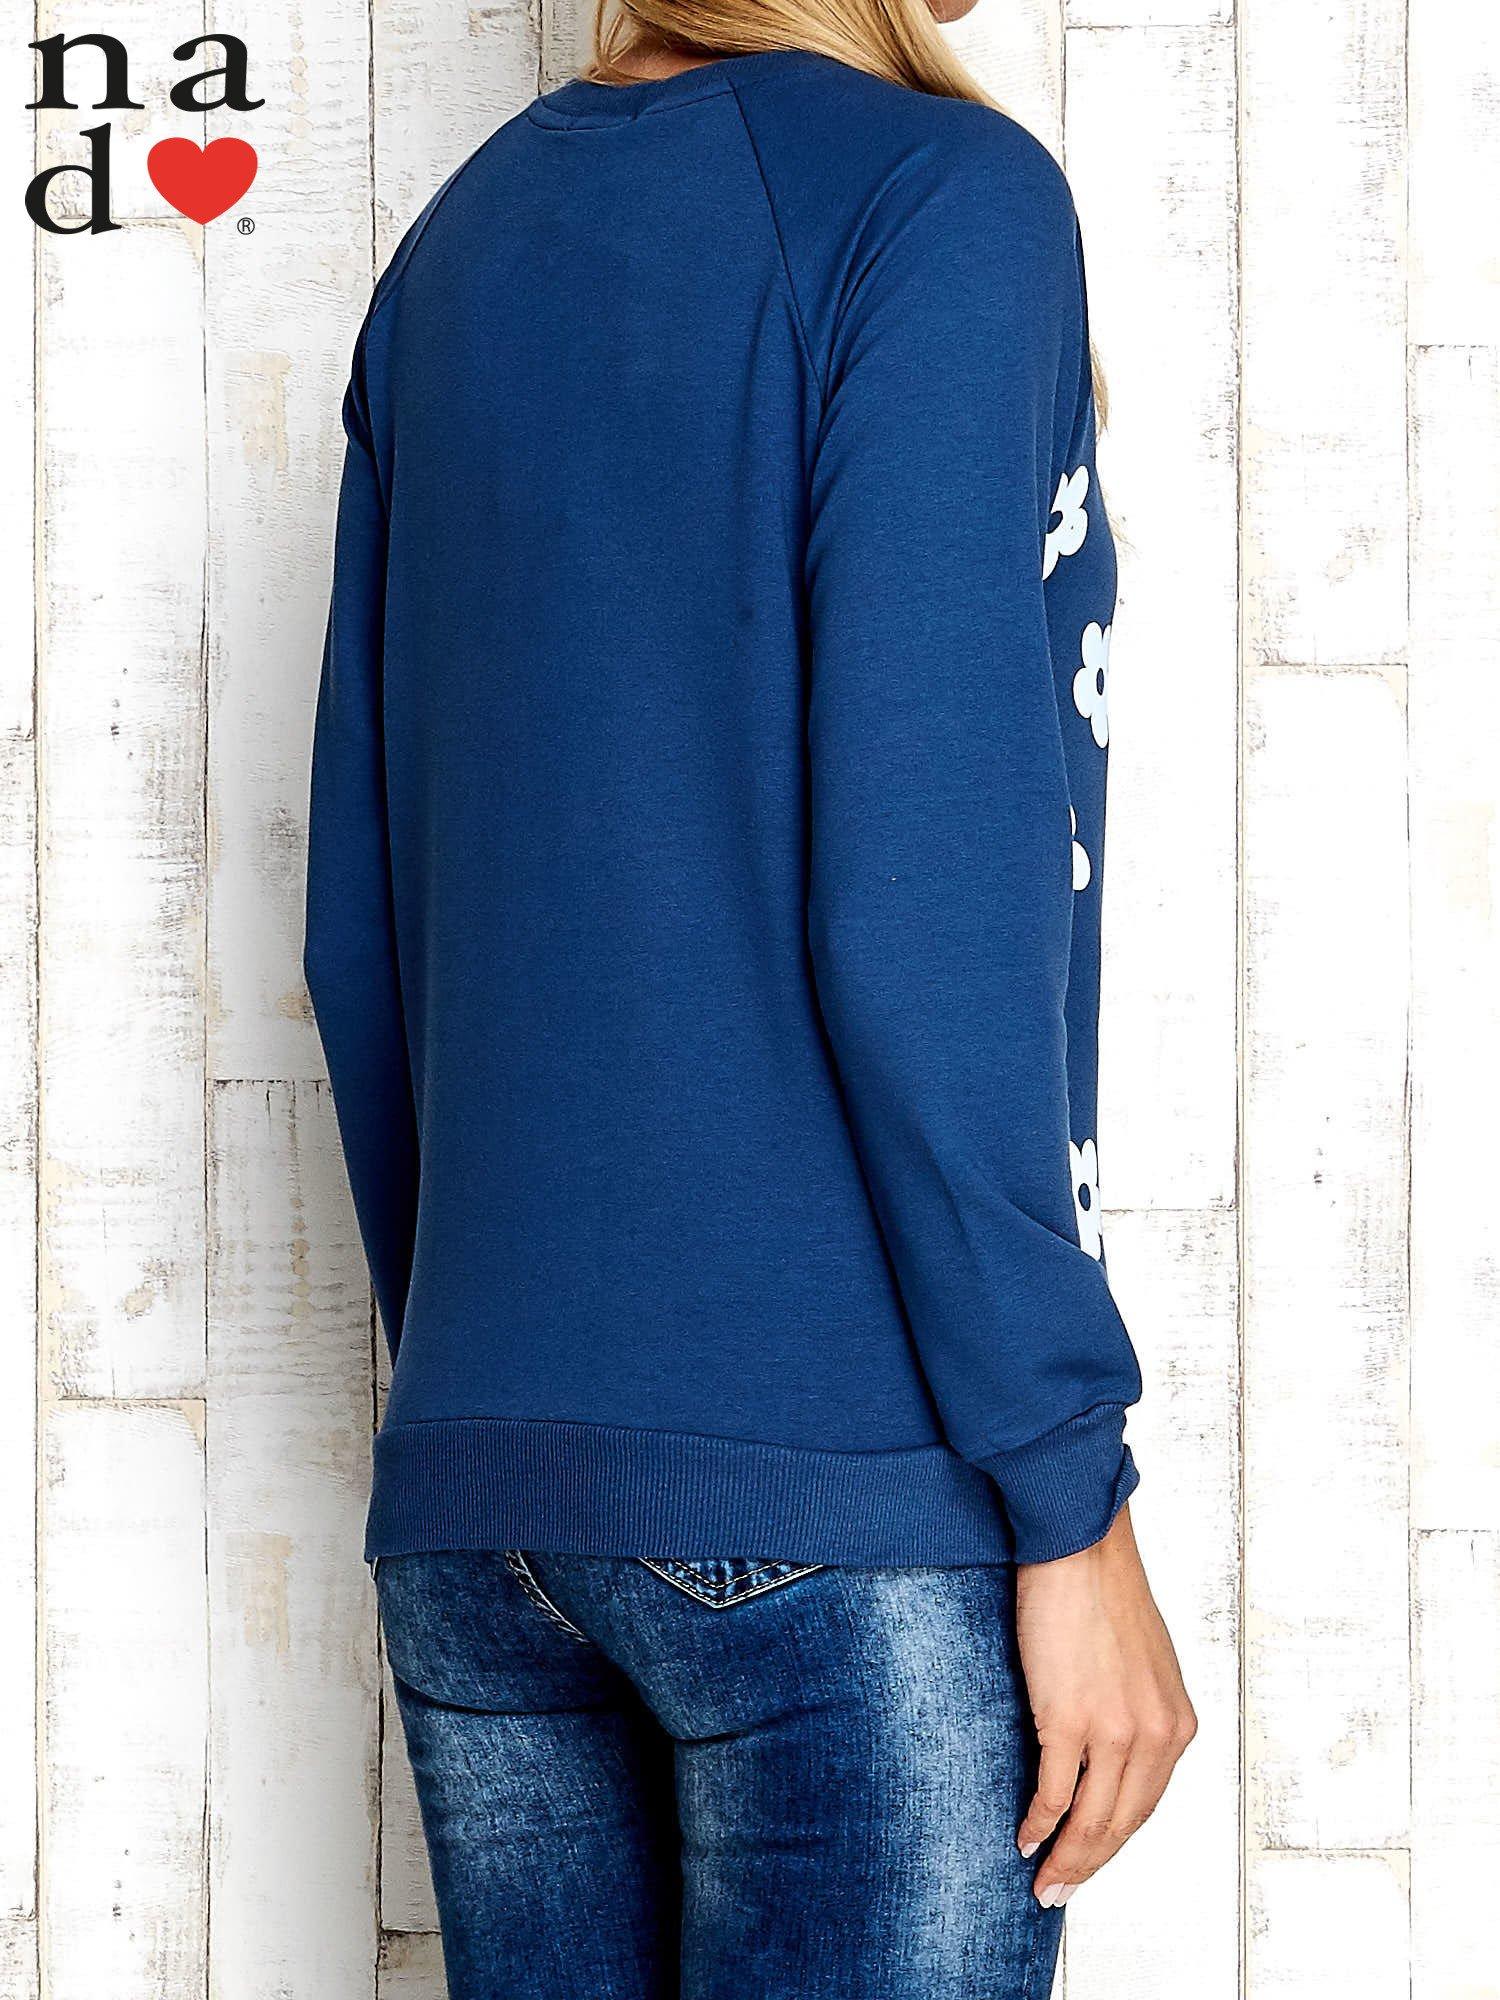 Ciemnoniebieska bluza z nadrukiem kwiatów                                  zdj.                                  2